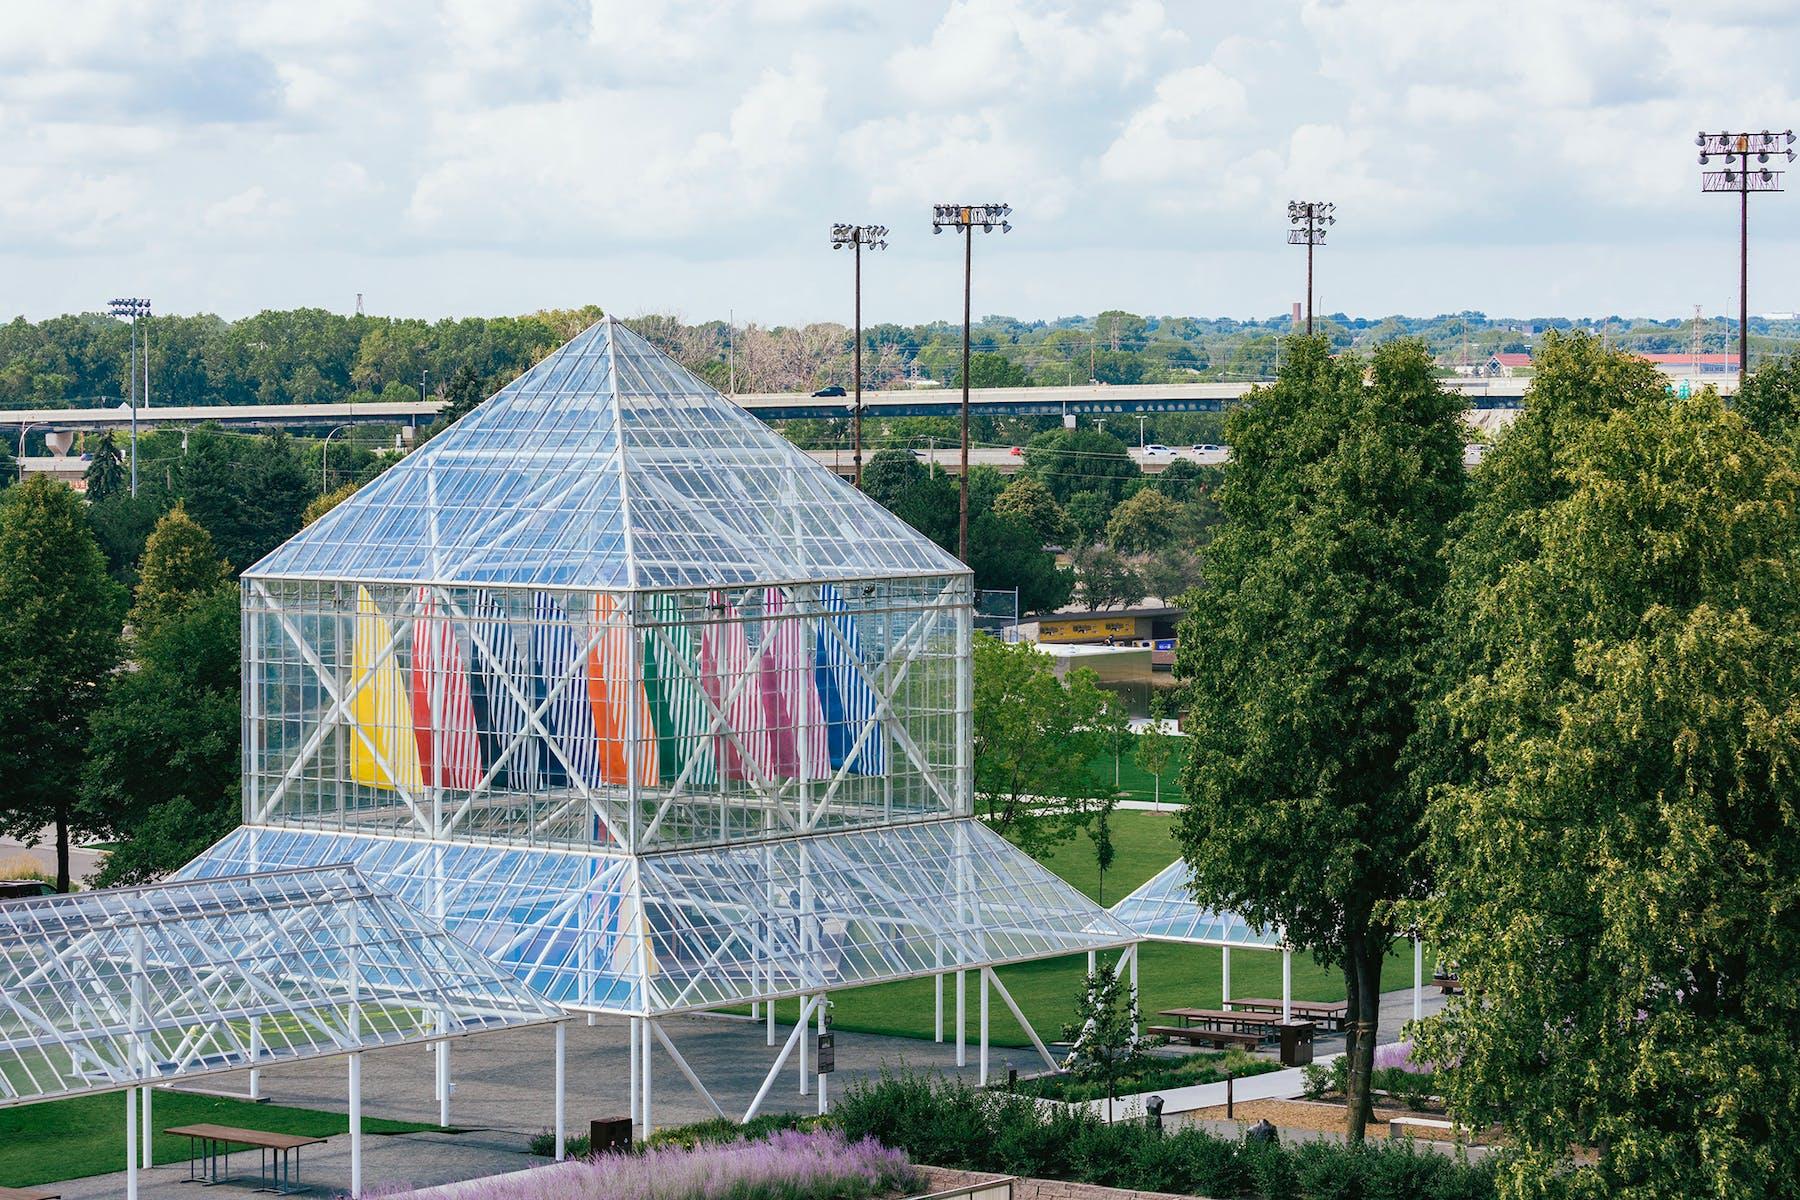 Daniel Buren's sails hanging in the Cowles Pavilion in the Minneapolis Sculpture Garden.